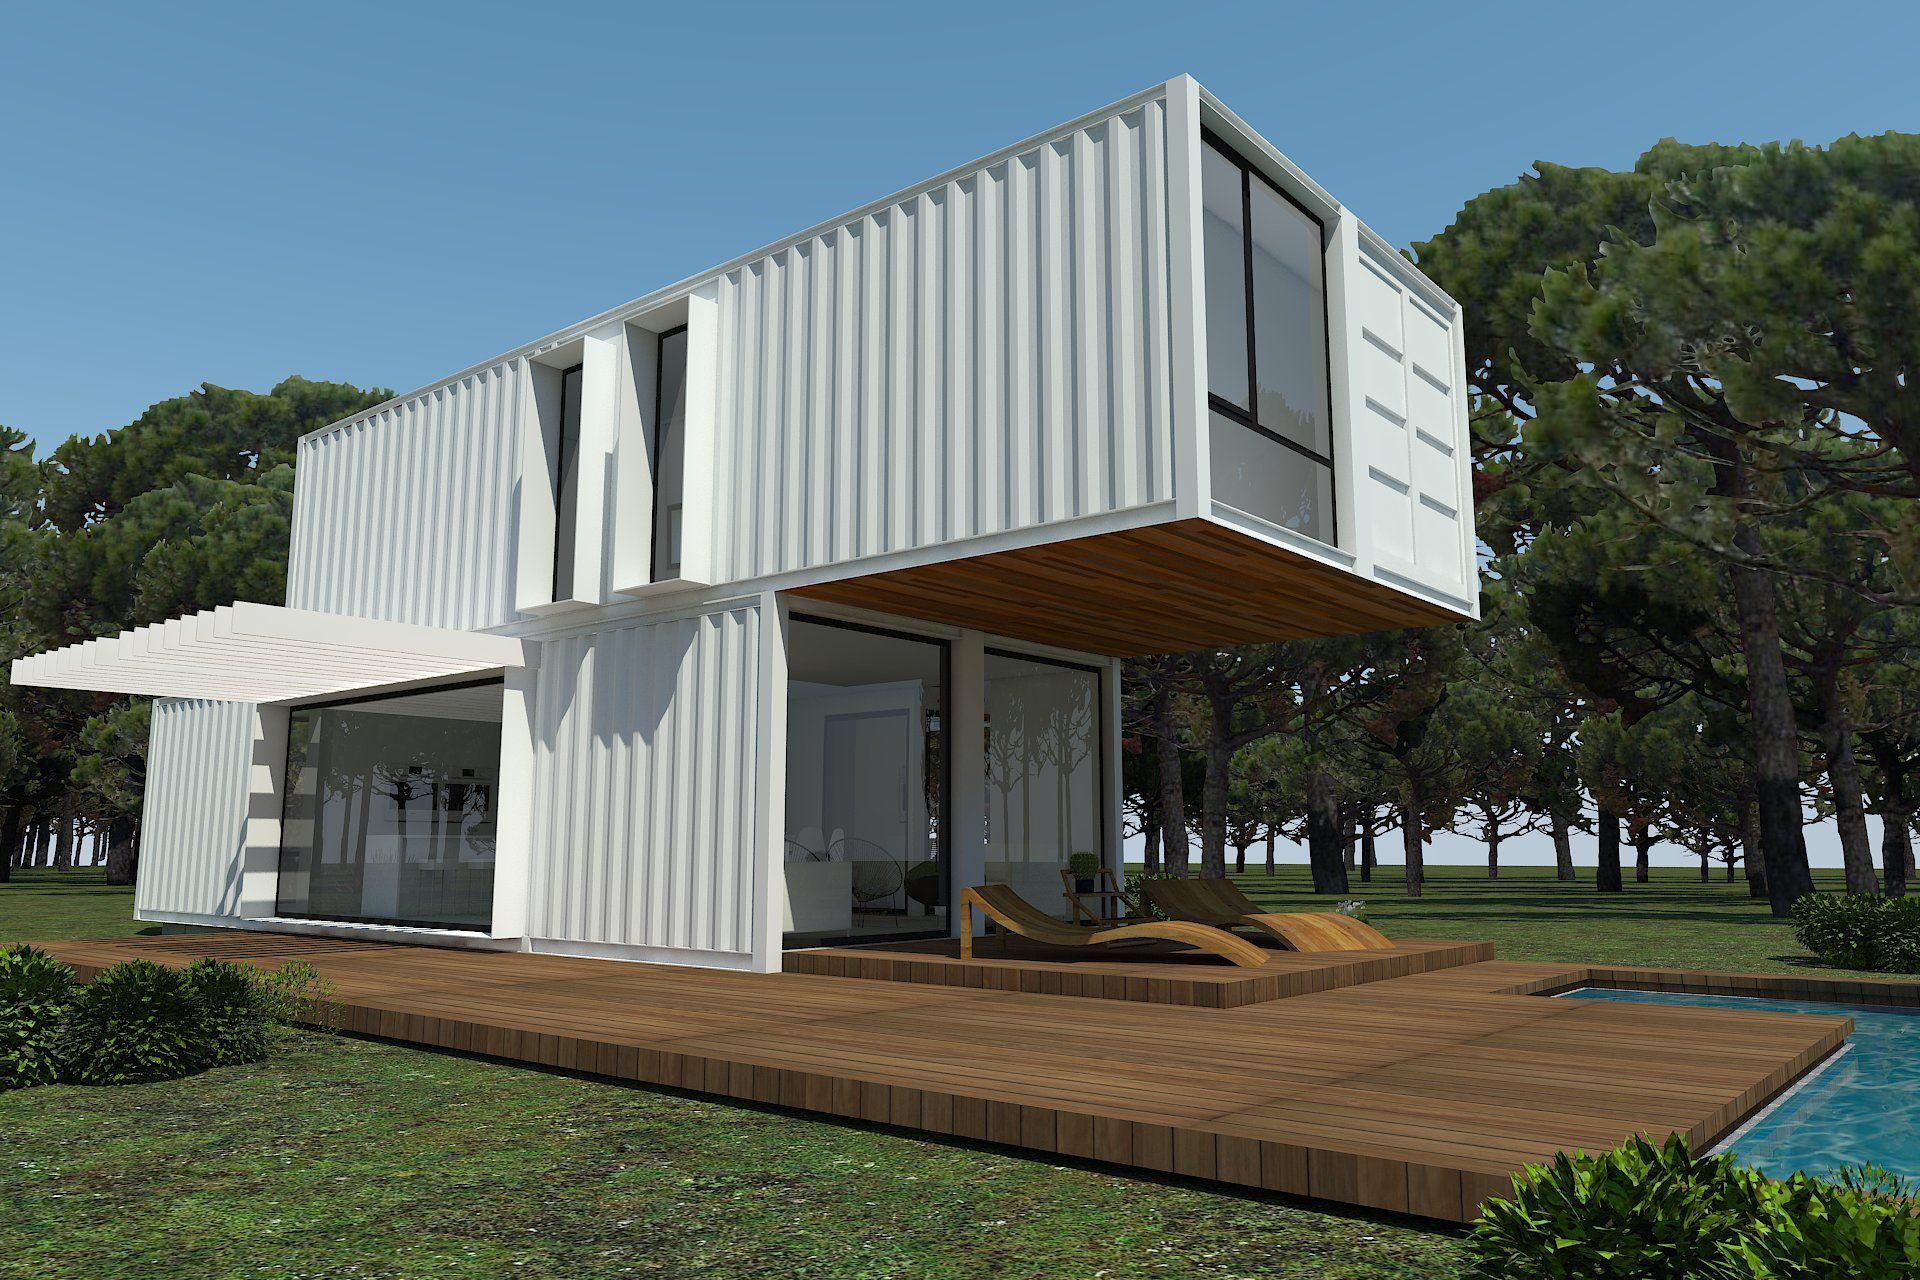 h kub casas prefabricadas en contenedores mar timos mi